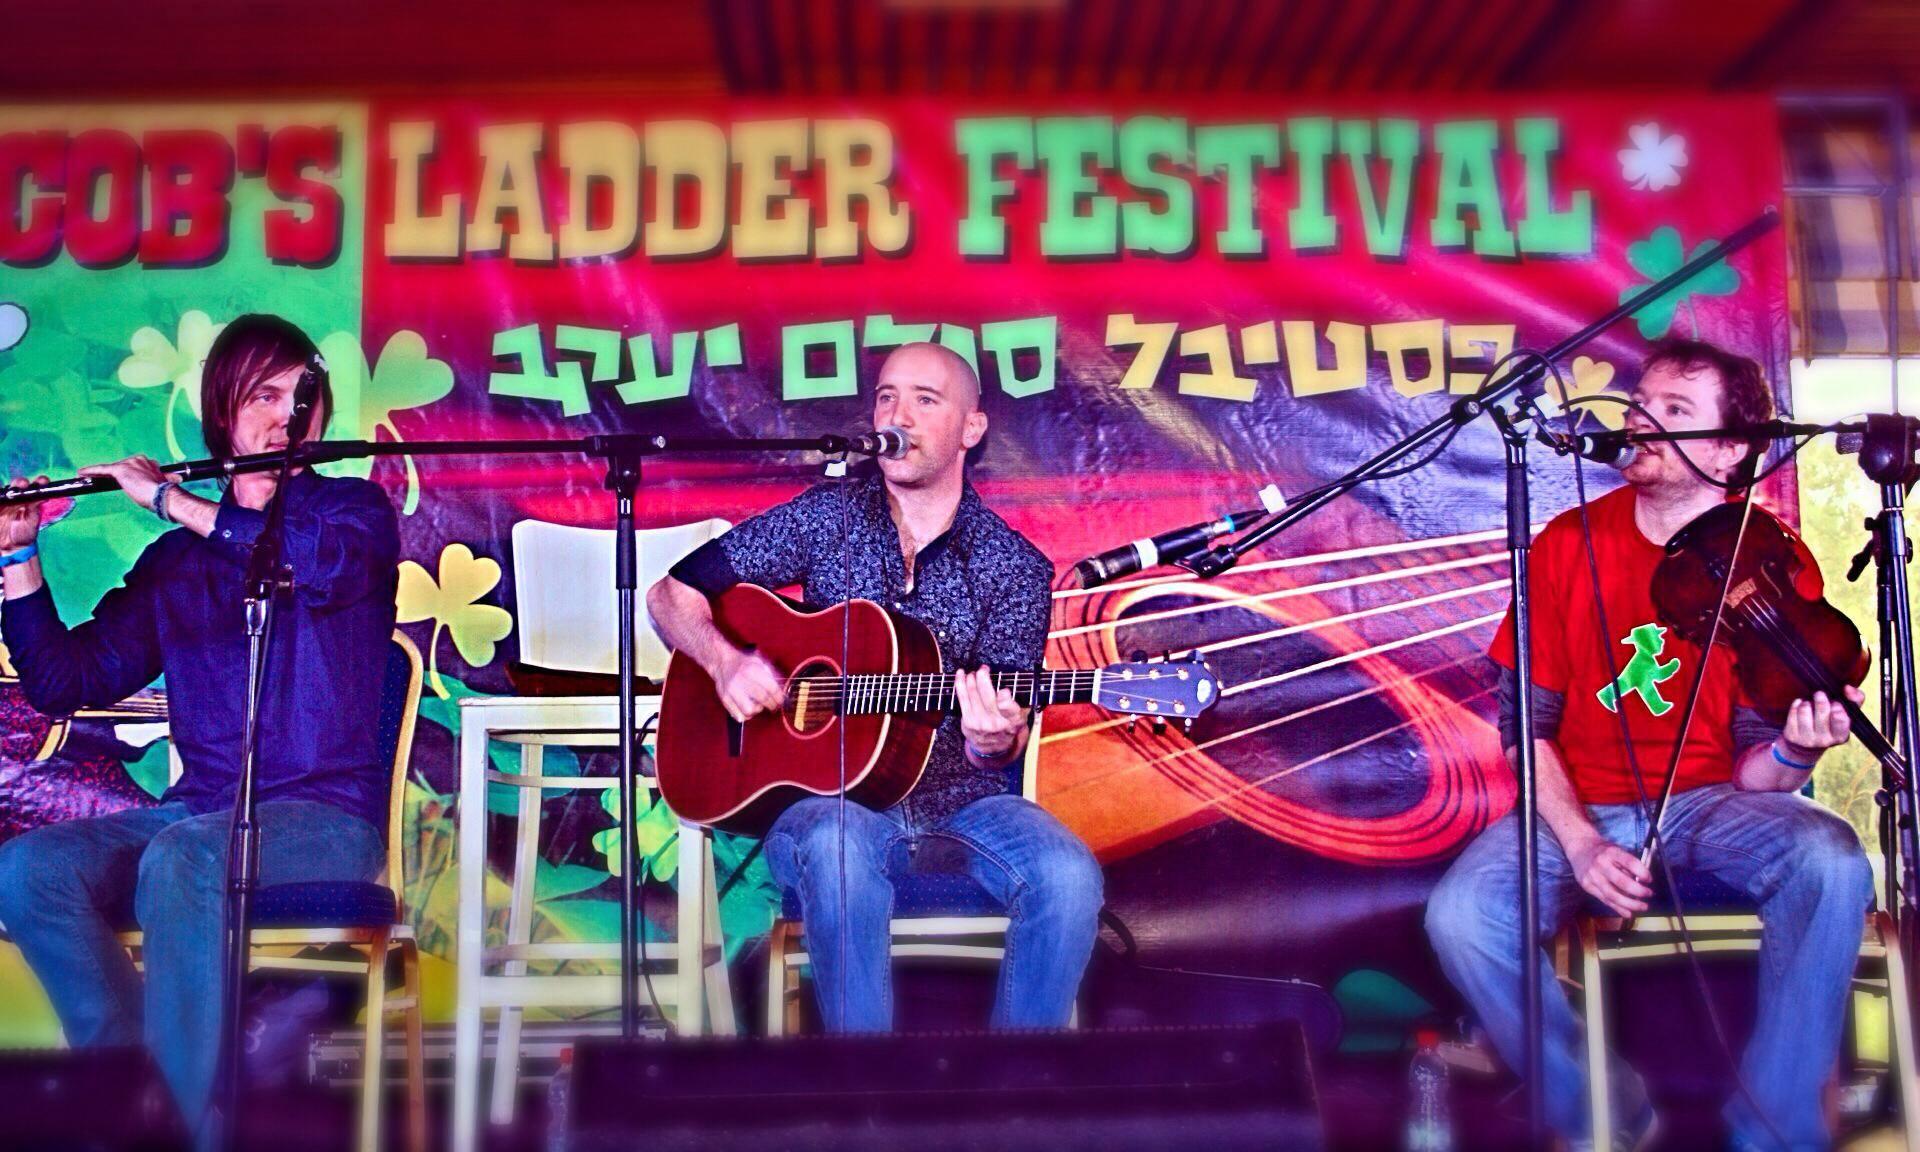 Jacob's Ladder Winter Festival 2013